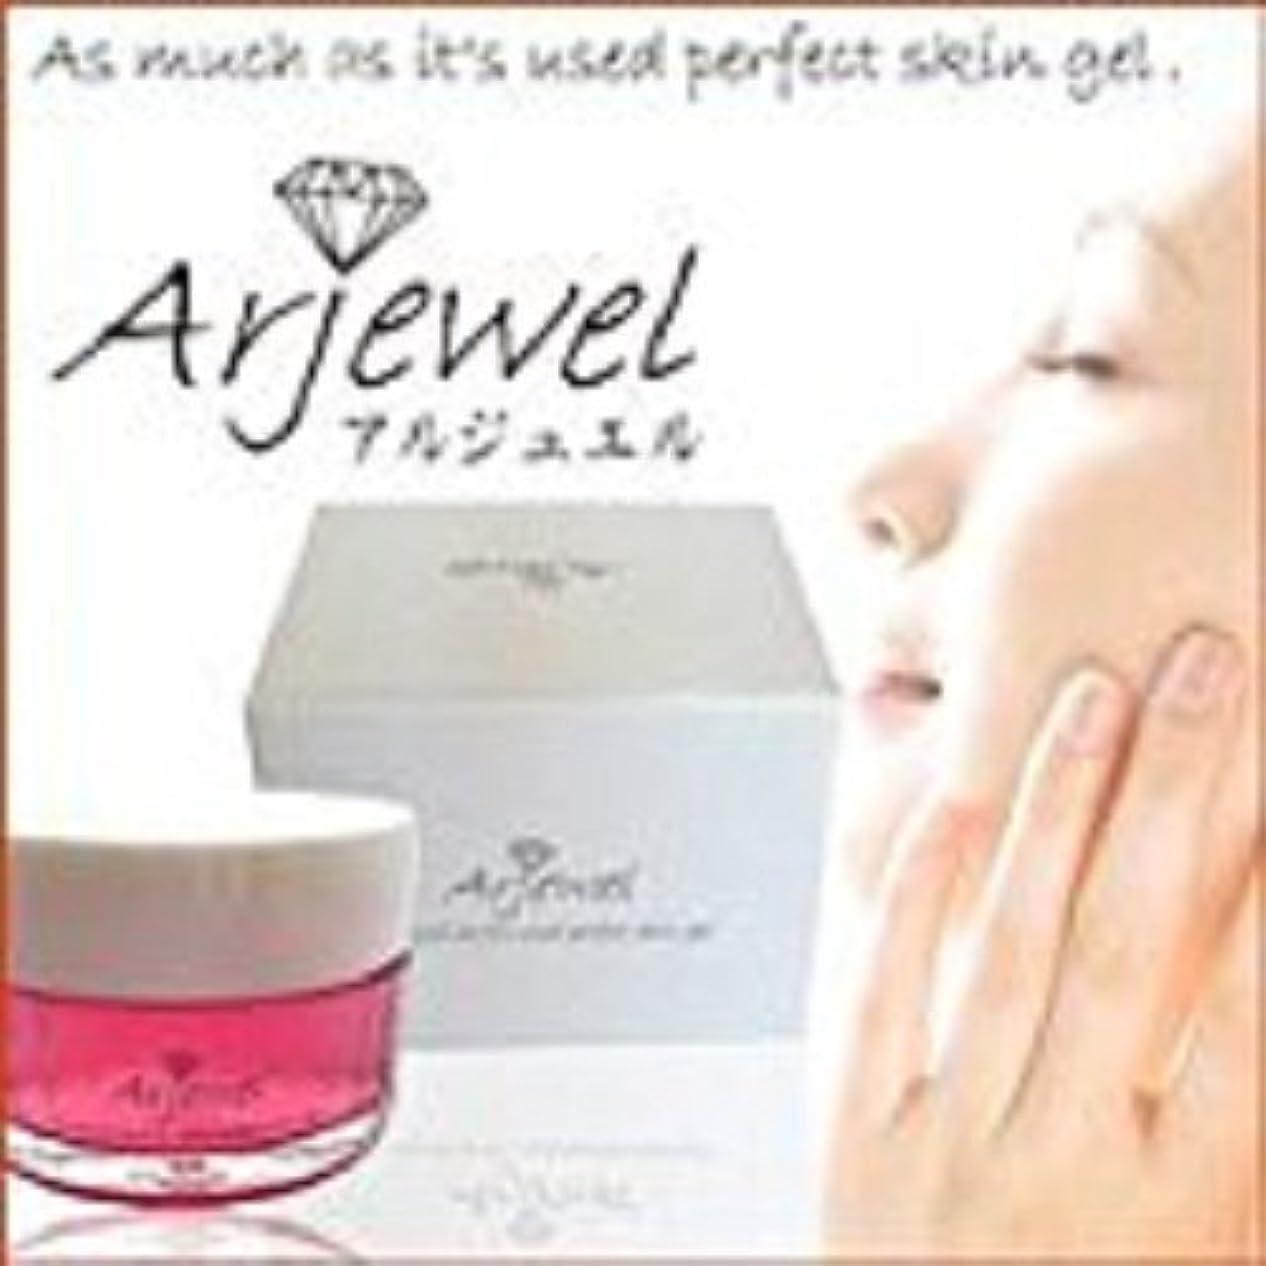 意志アルカイック裁量アルジュエル (Arjewel) /美容ジェル 小顔ジェル